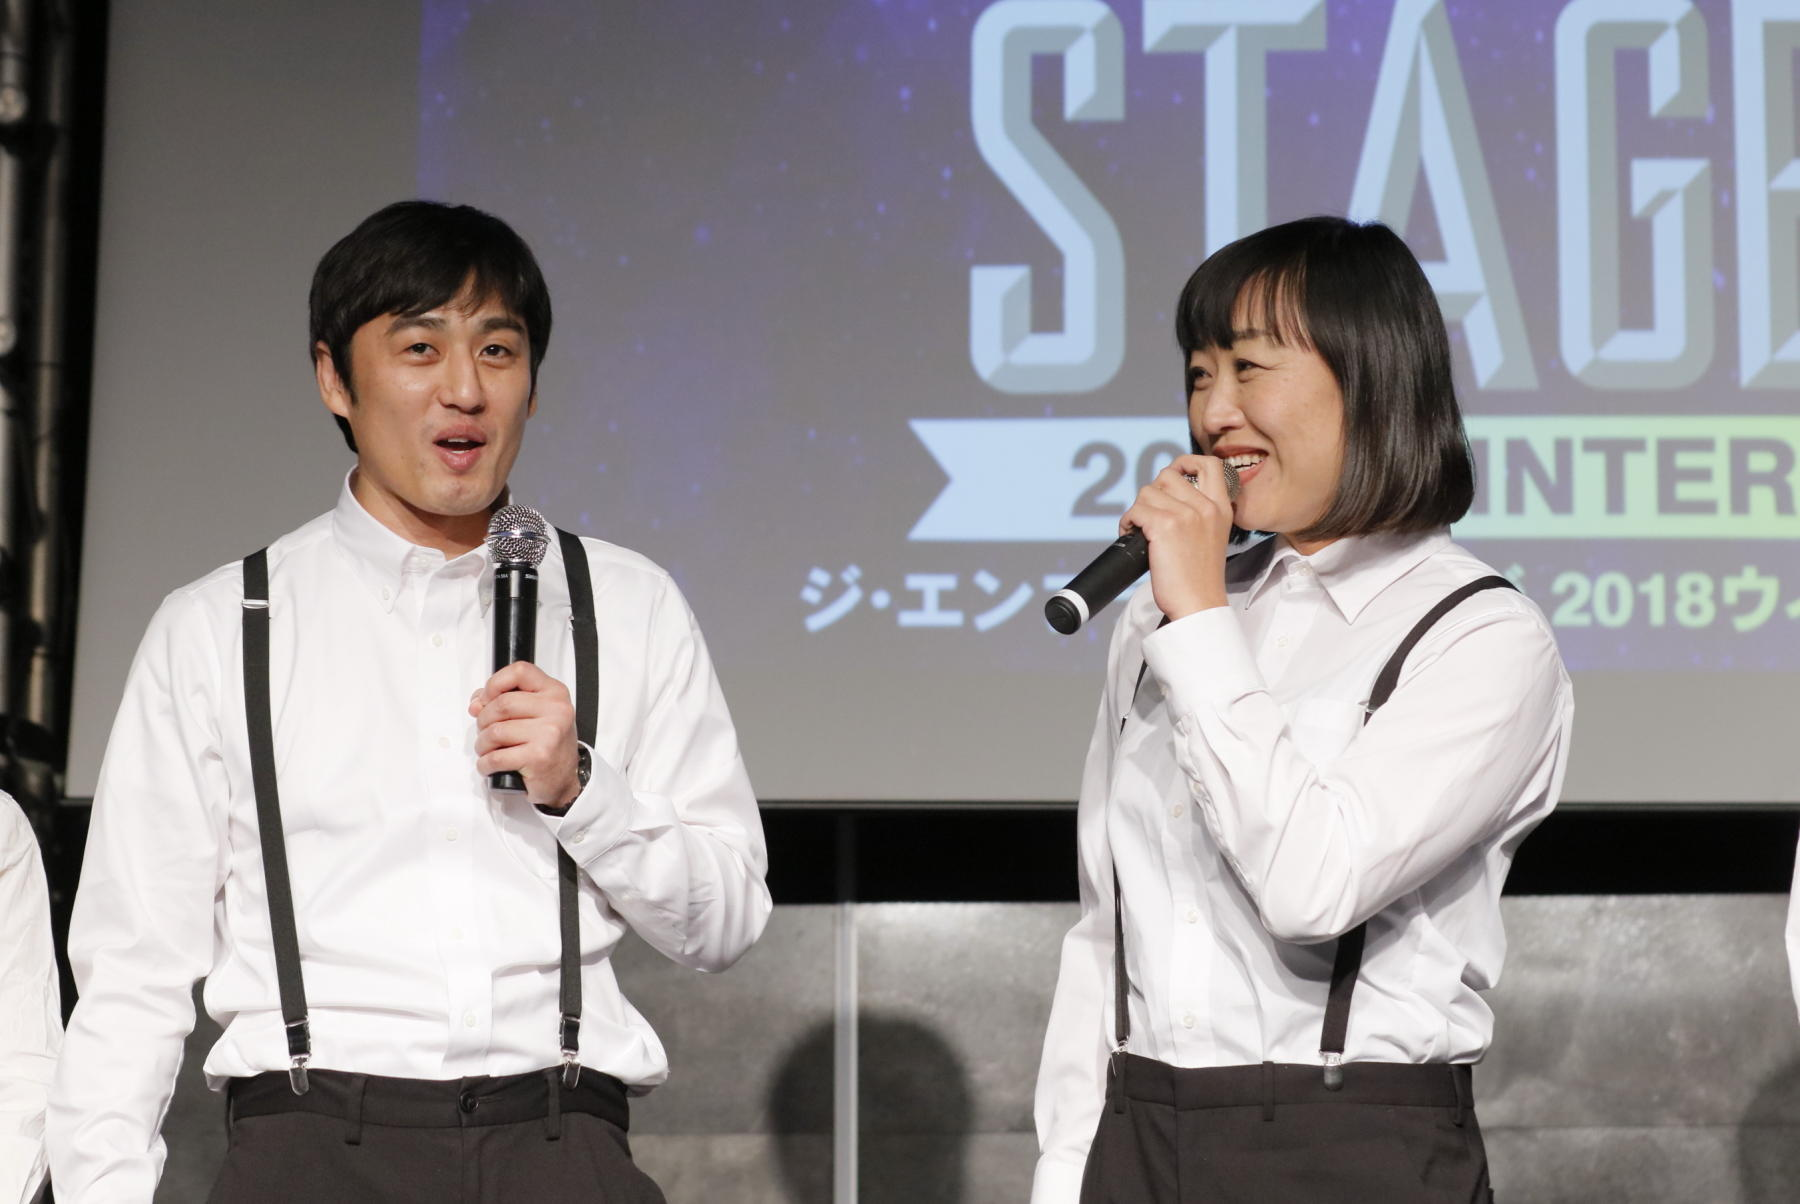 http://news.yoshimoto.co.jp/20180211000329-06c2594868652802d41508a884bddd0c7cecbe98.jpg